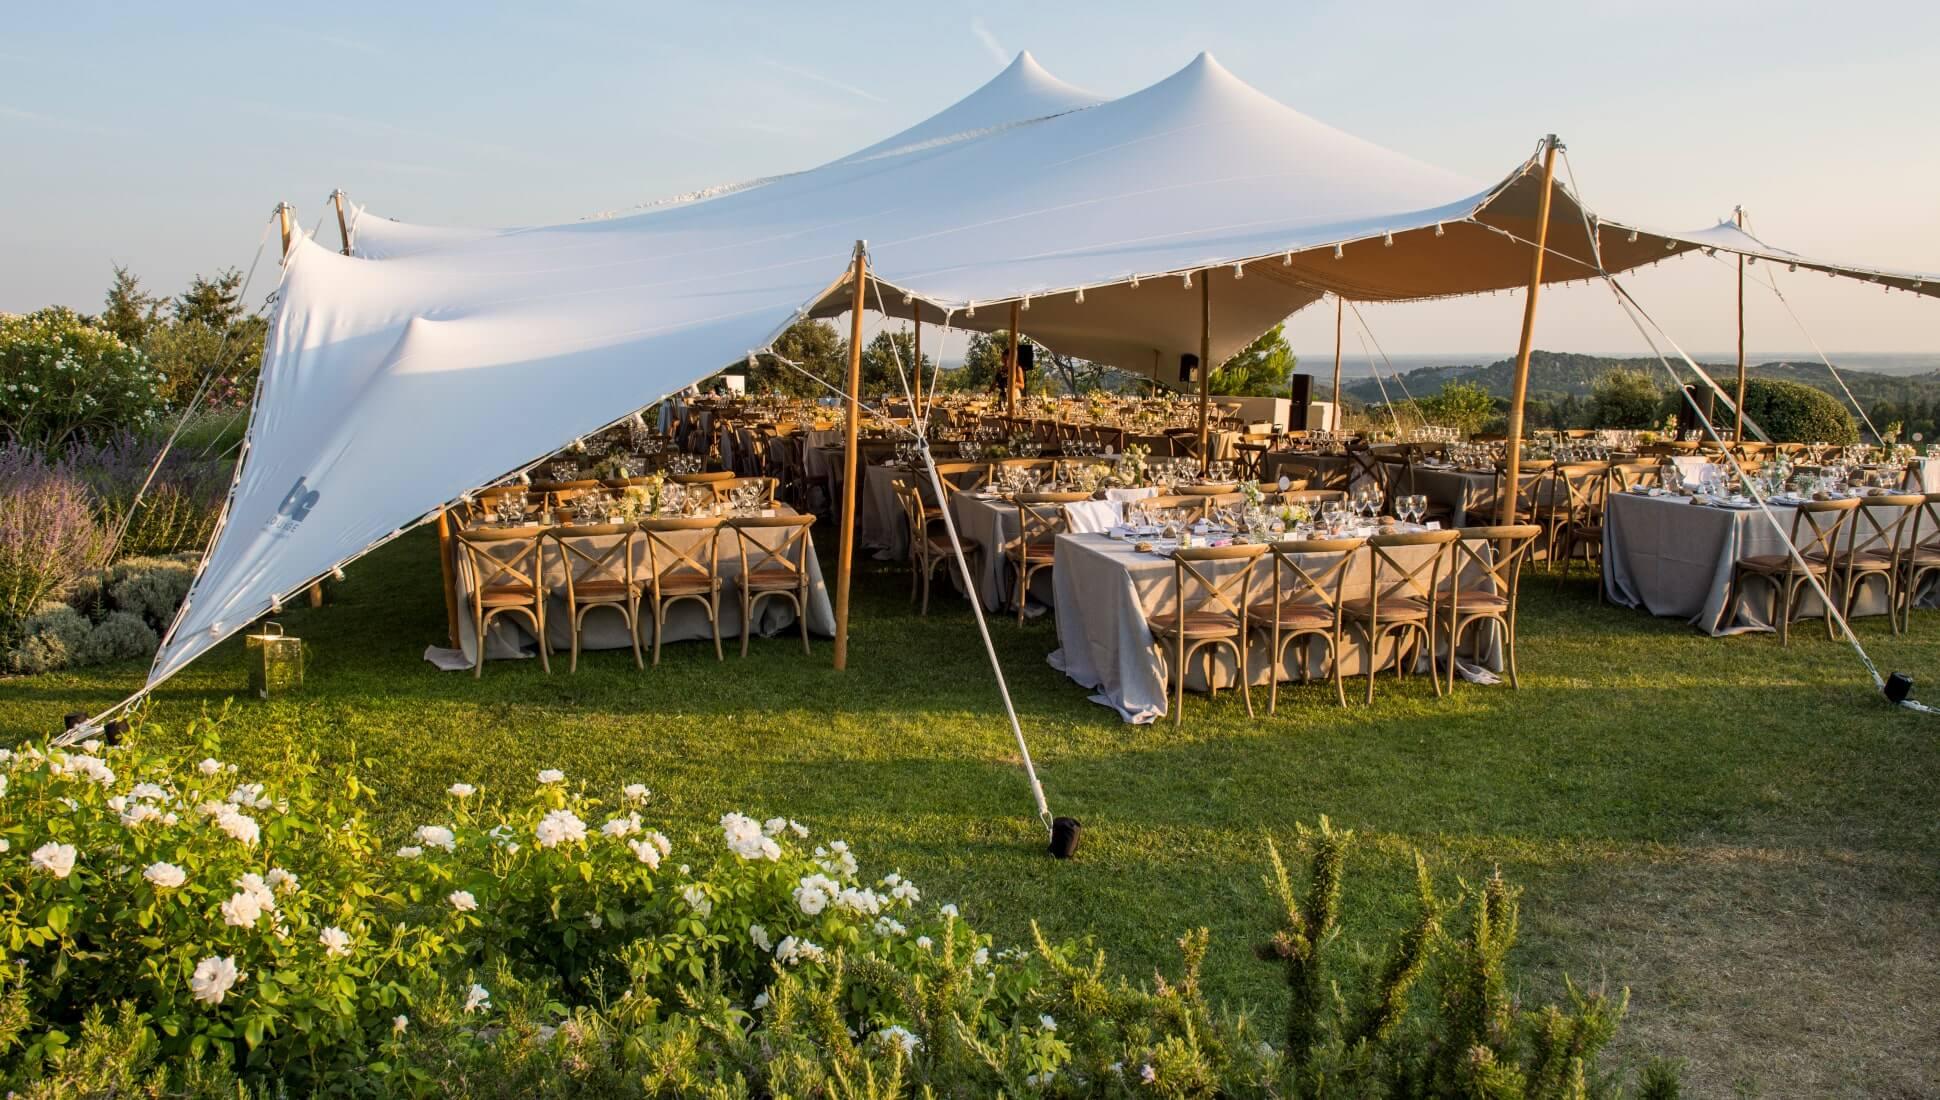 namiot stretch i wesele w plenerze nad stołami dla gości